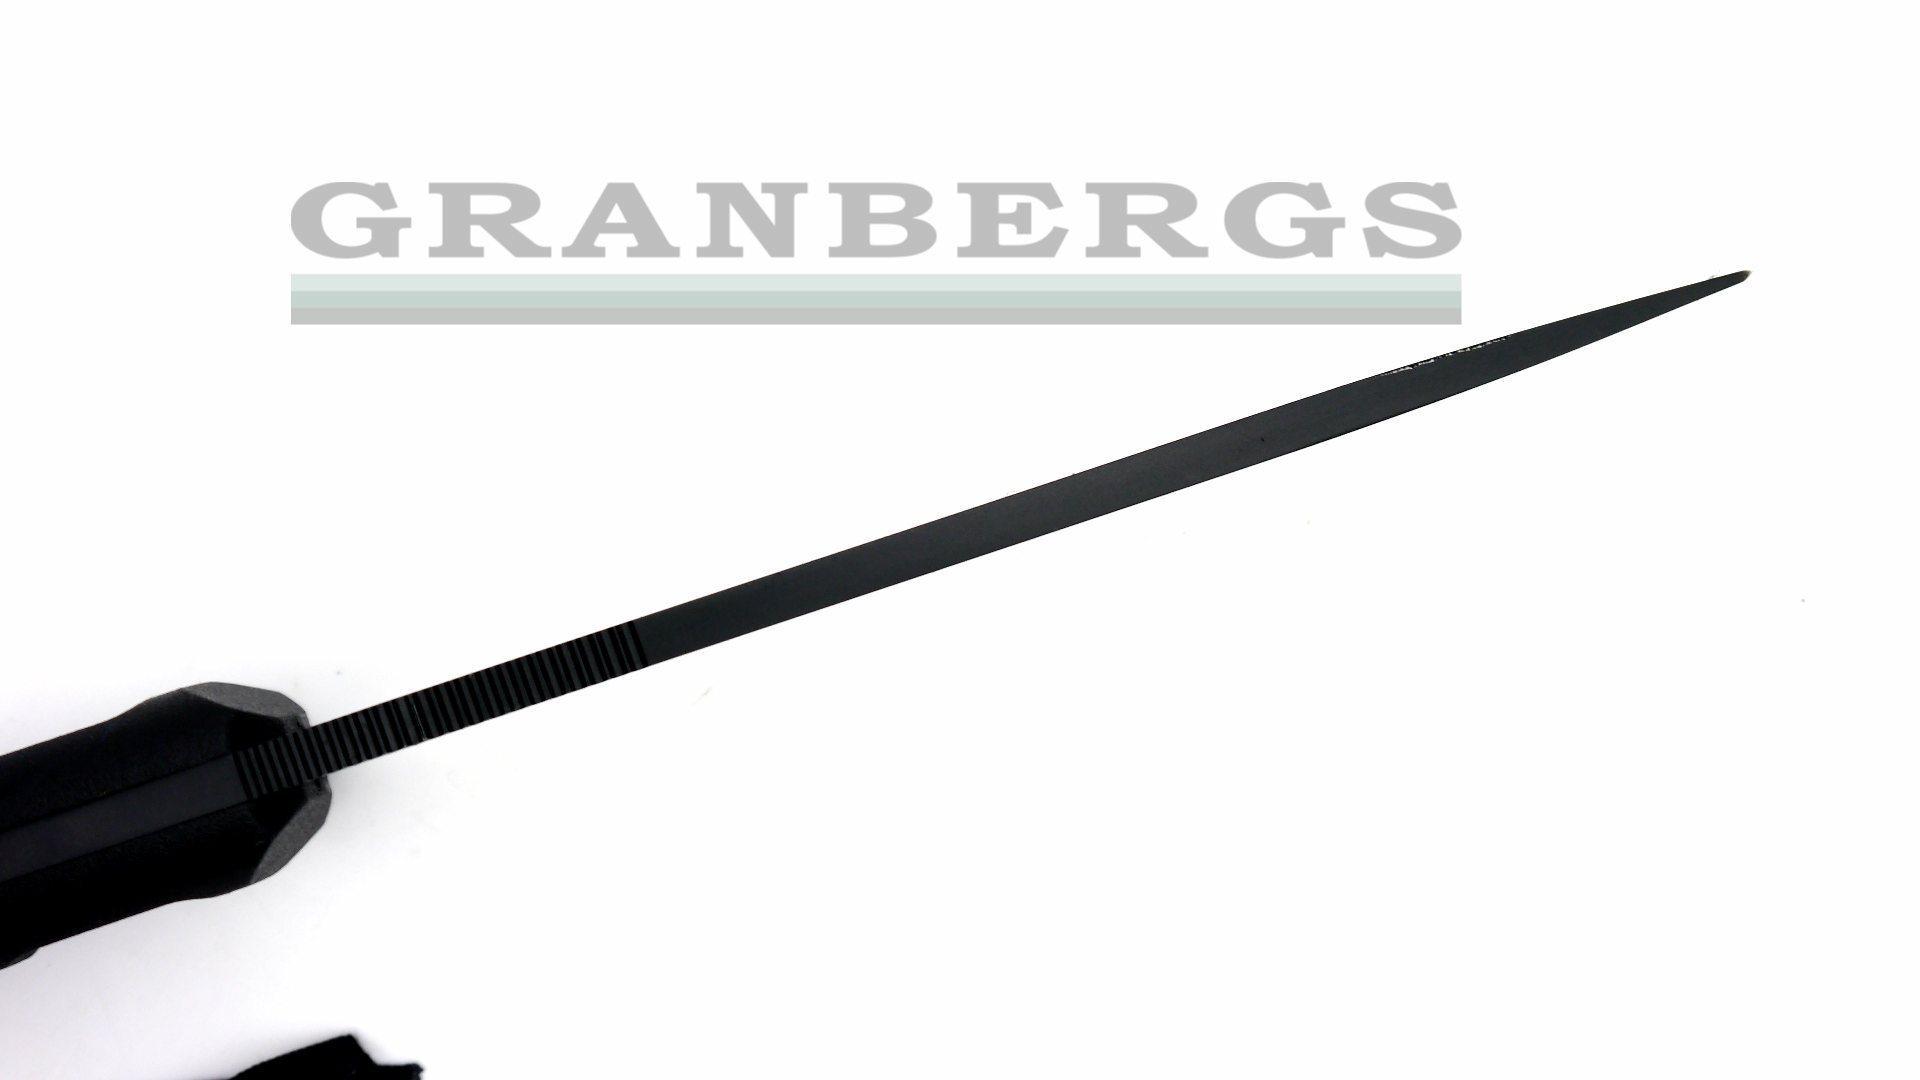 4P1140061Kizlyar-Supreme-Cros-Aus-8-Black-Blade-1920p-Watermark.jpg